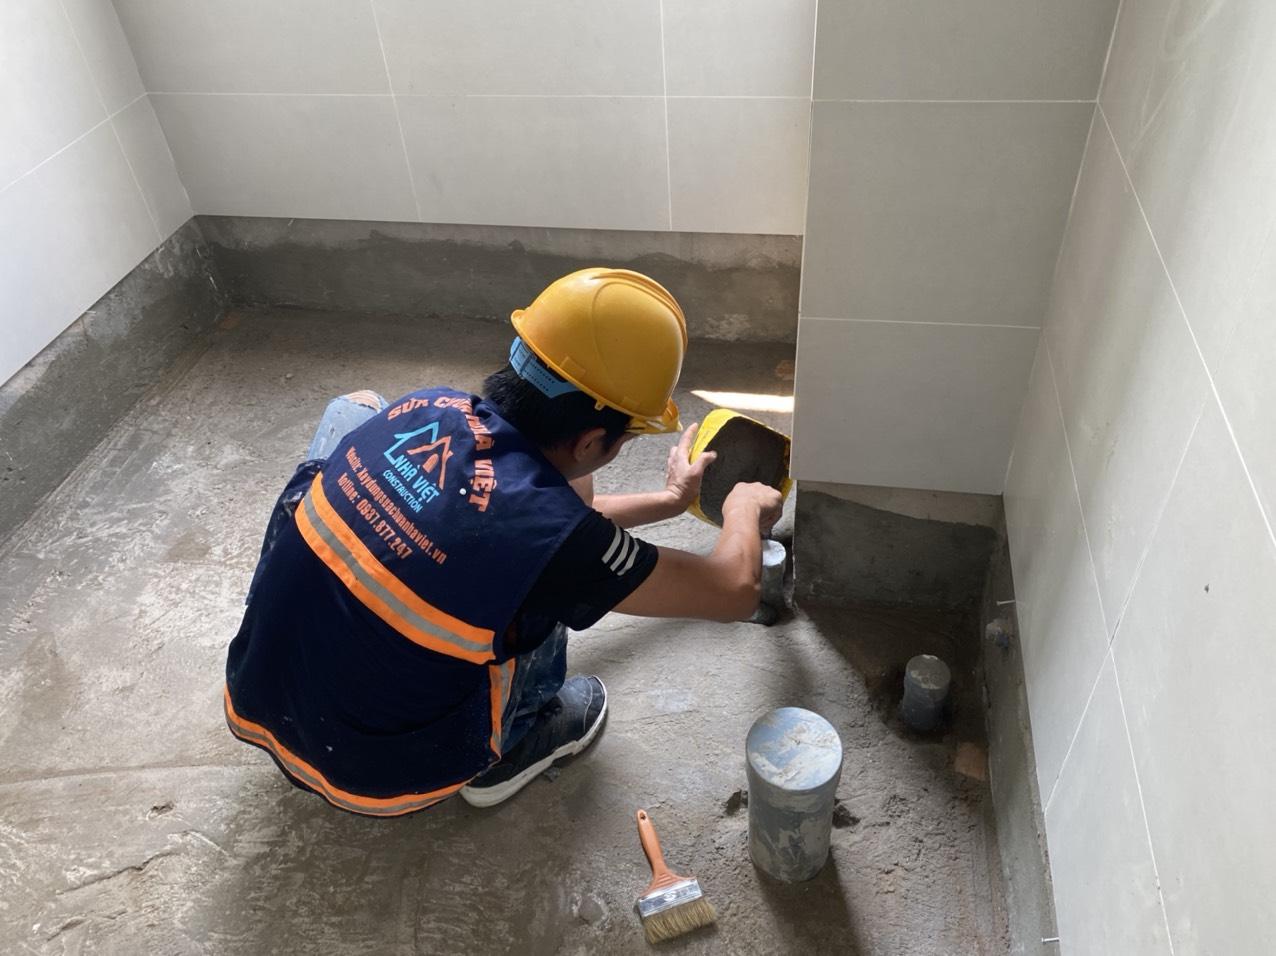 dich vu sua ong nuoc nha ve sinh 24h 17 - Dịch vụ sửa ống nước nhà vệ sinh 24h